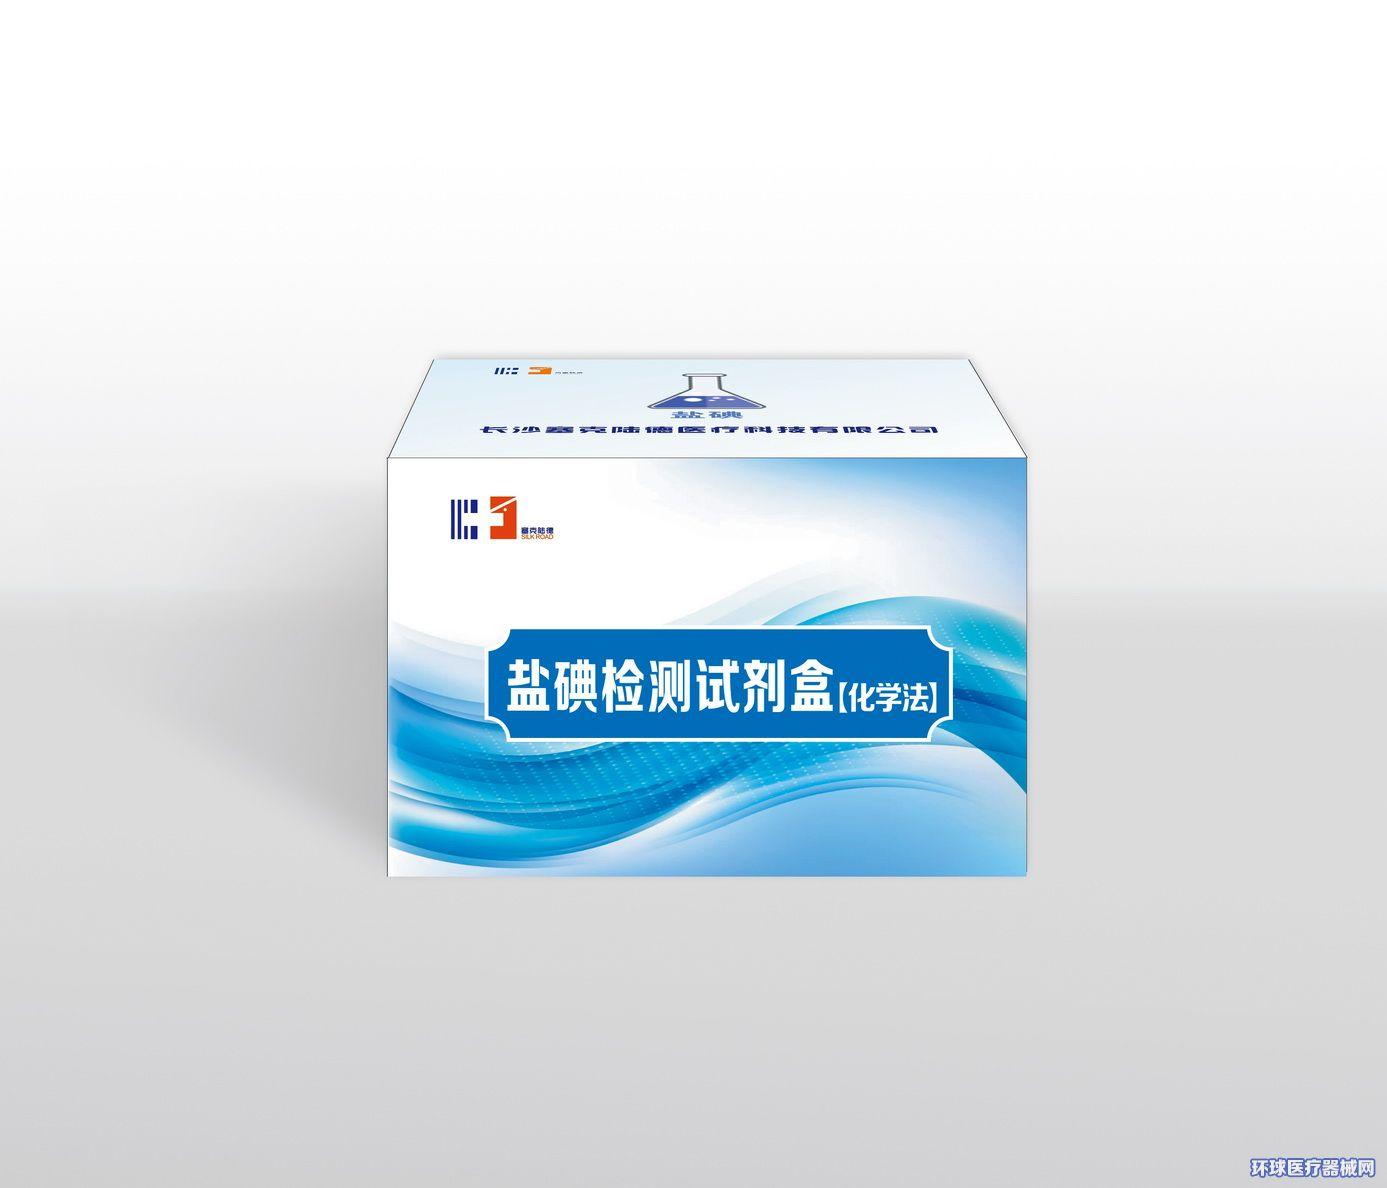 塞克陆德盐碘检测试剂盒碘元素检测试剂盒